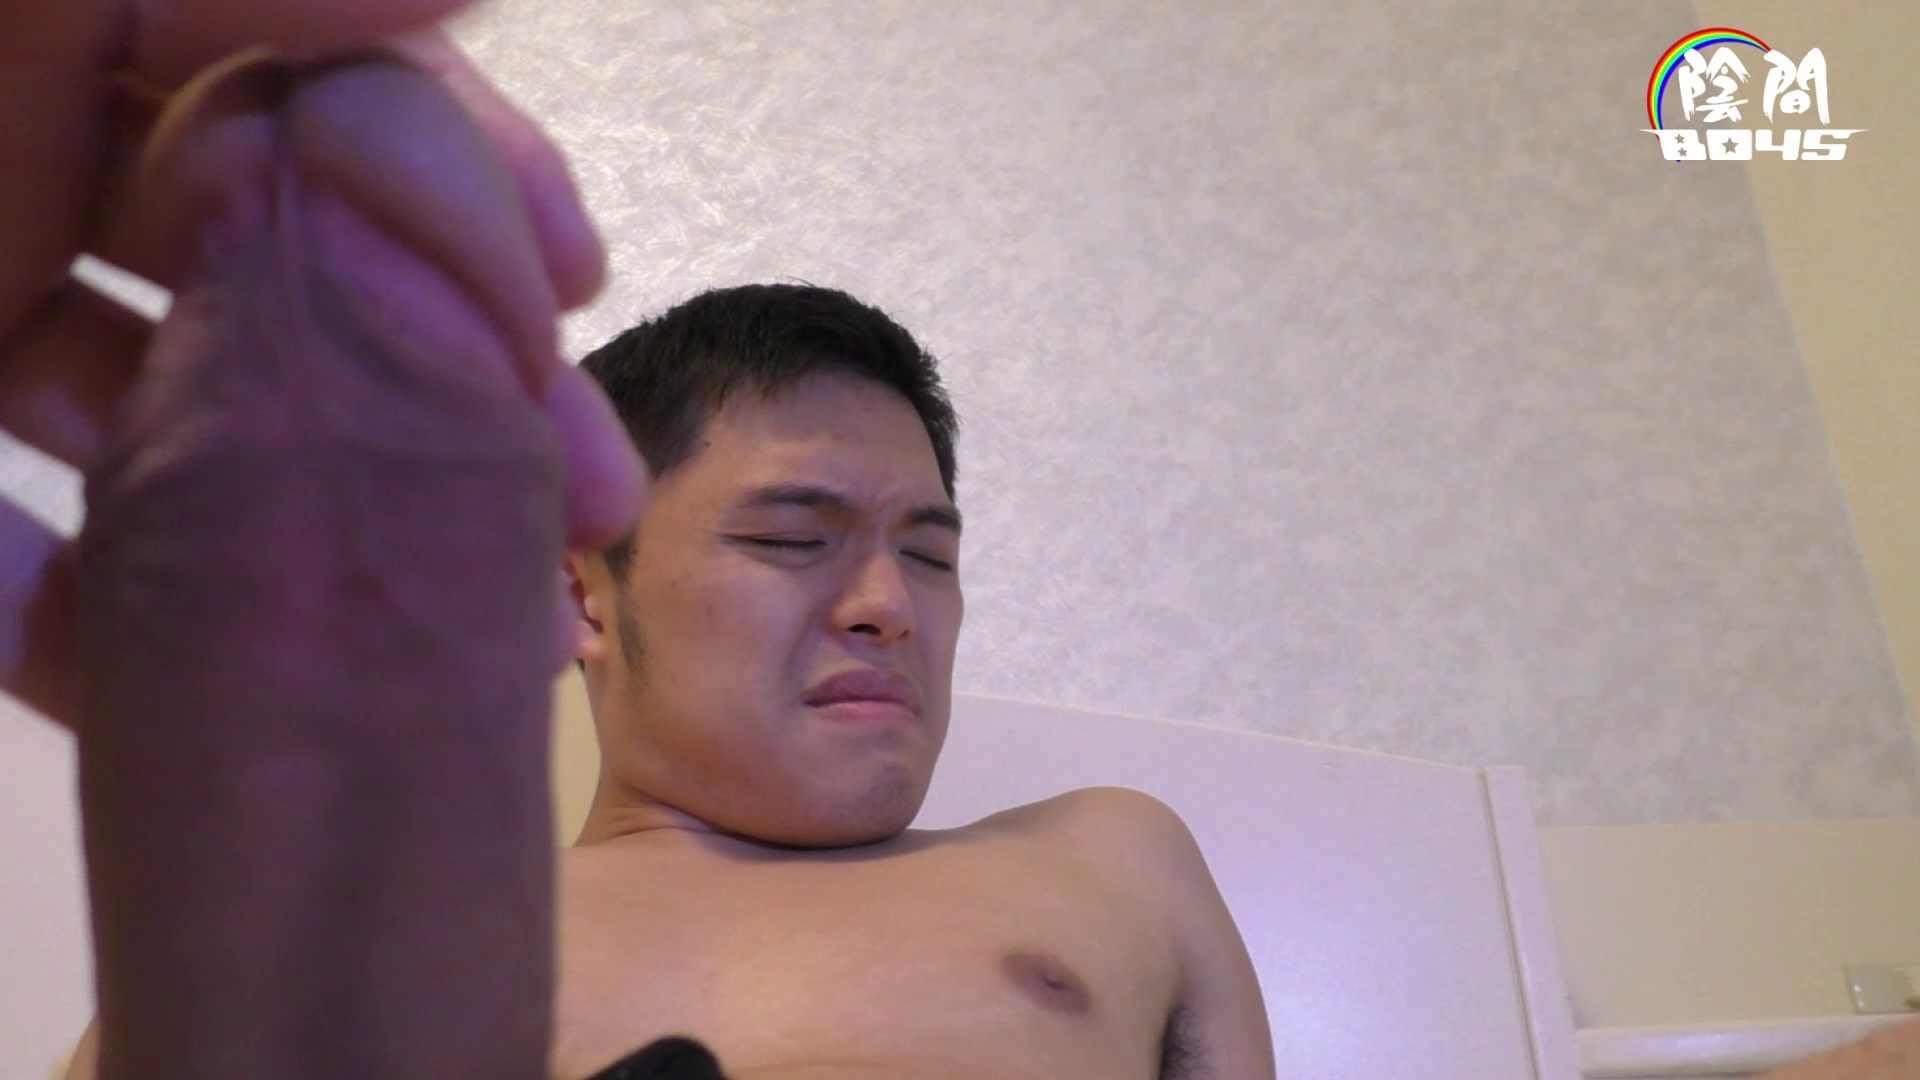 アナルで営業ワン・ツー・ スリーpart2 Vol.2 入浴・シャワー丸見え ゲイモロ画像 91pic 91